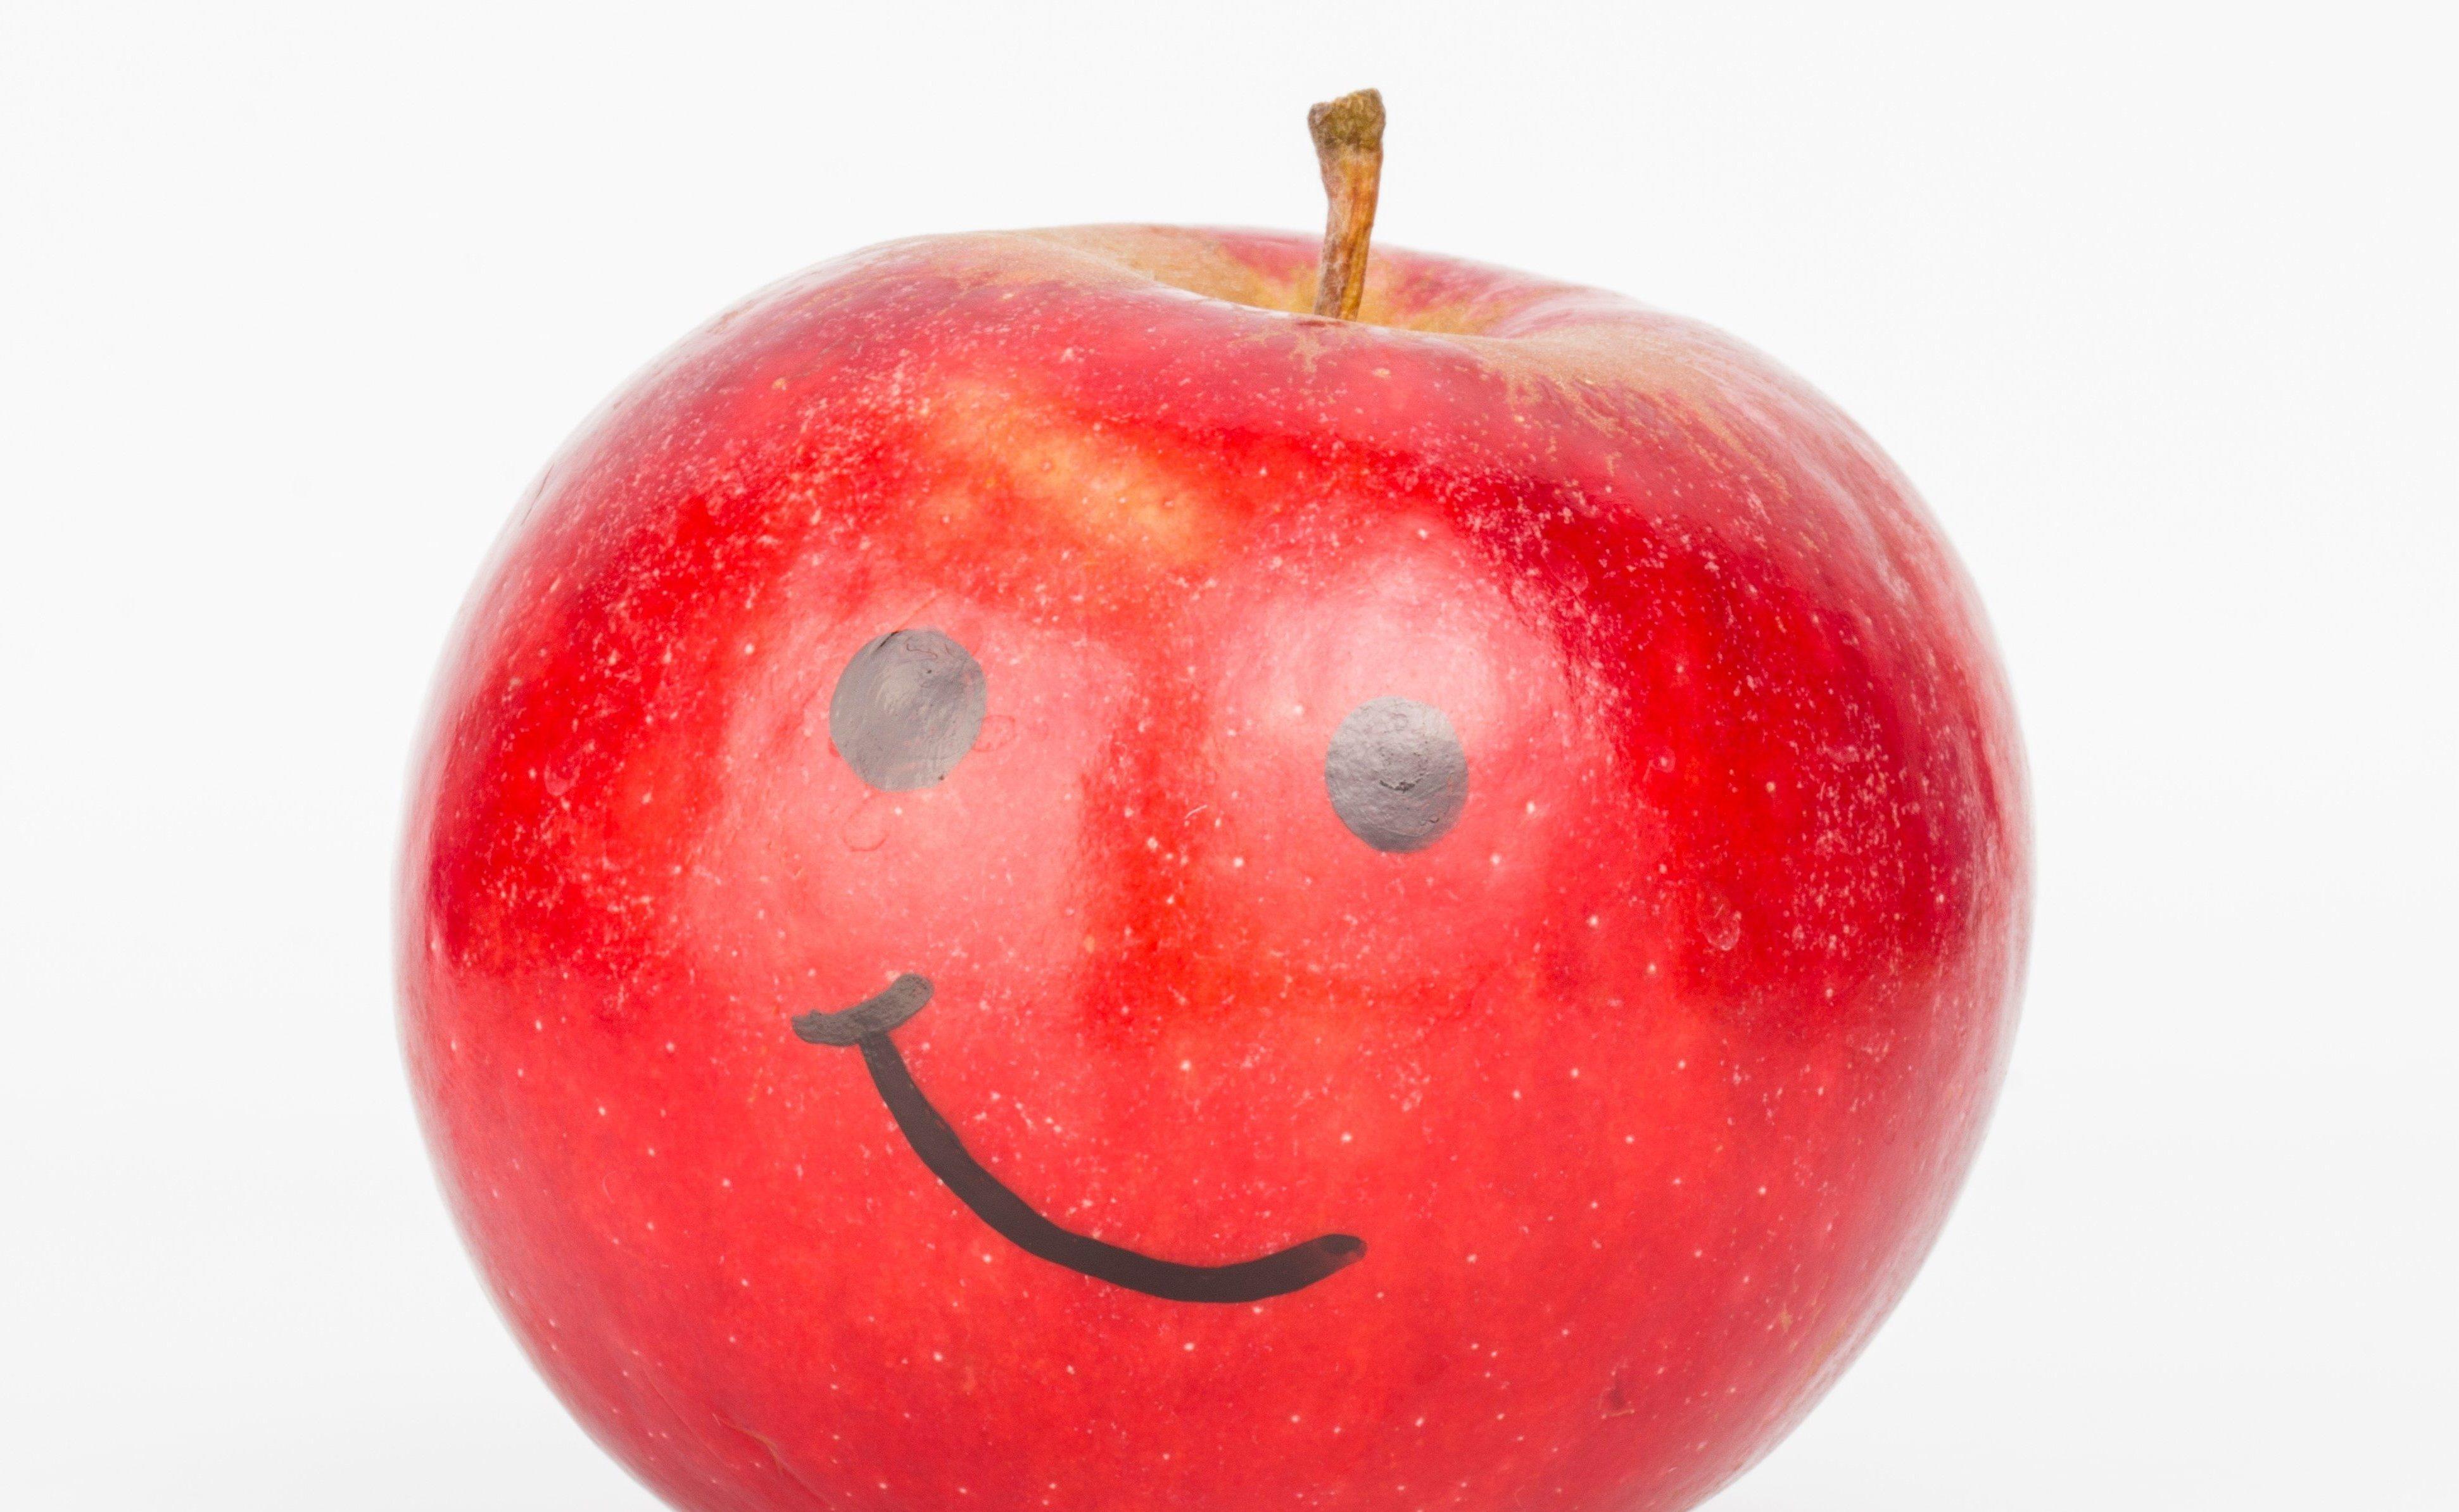 Äpple med påmålat ansikte.